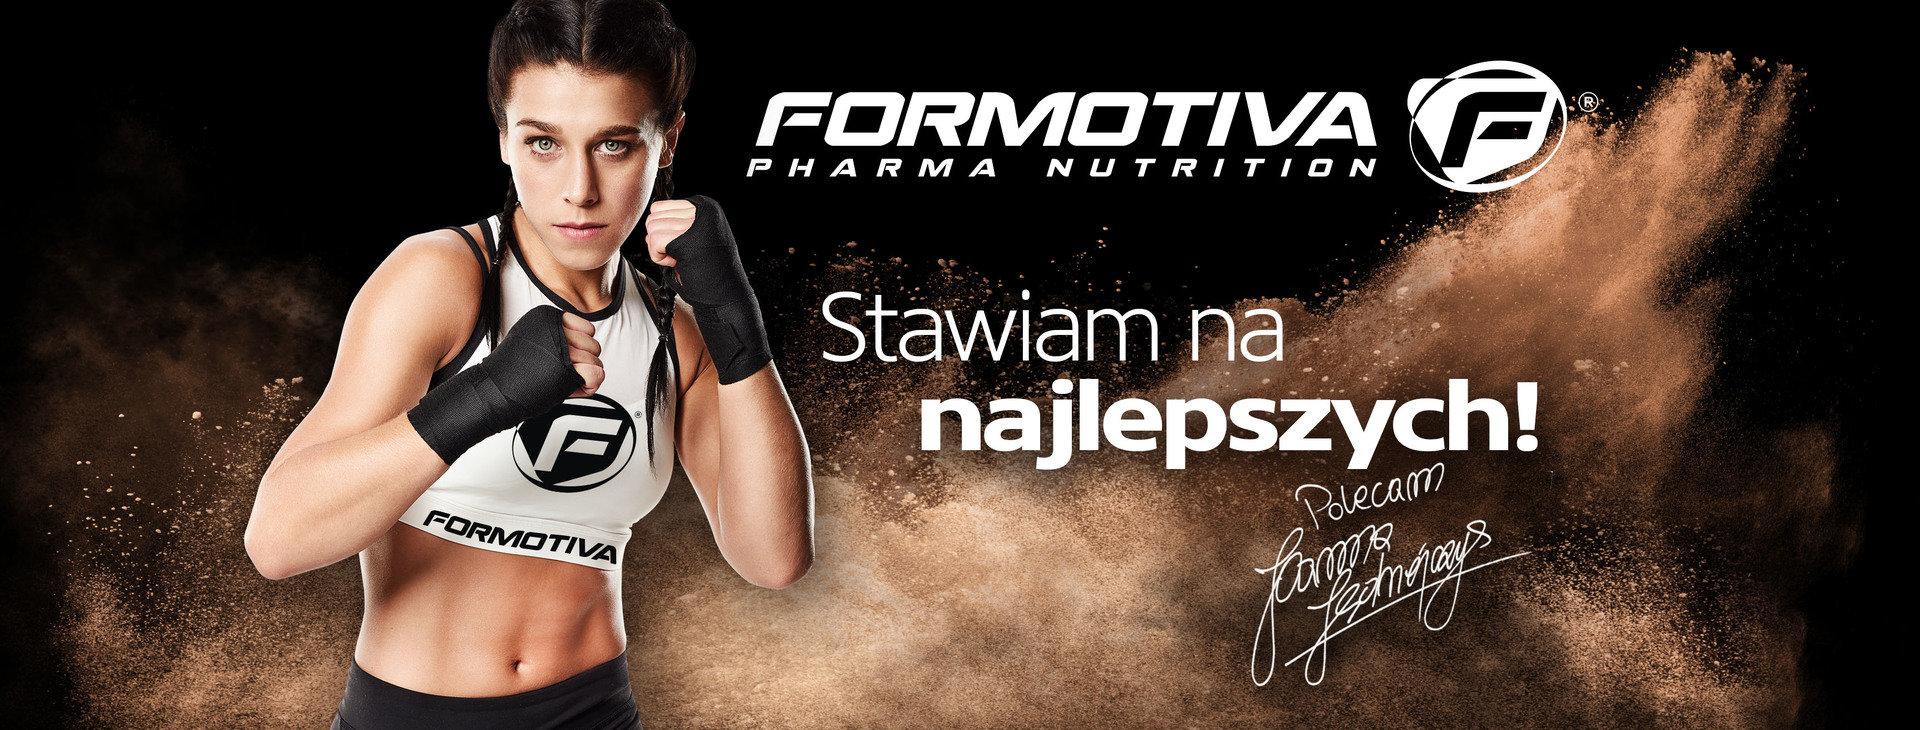 Joanna Jędrzejczyk i Formotiva łączą siły przed walką o pas UFC!